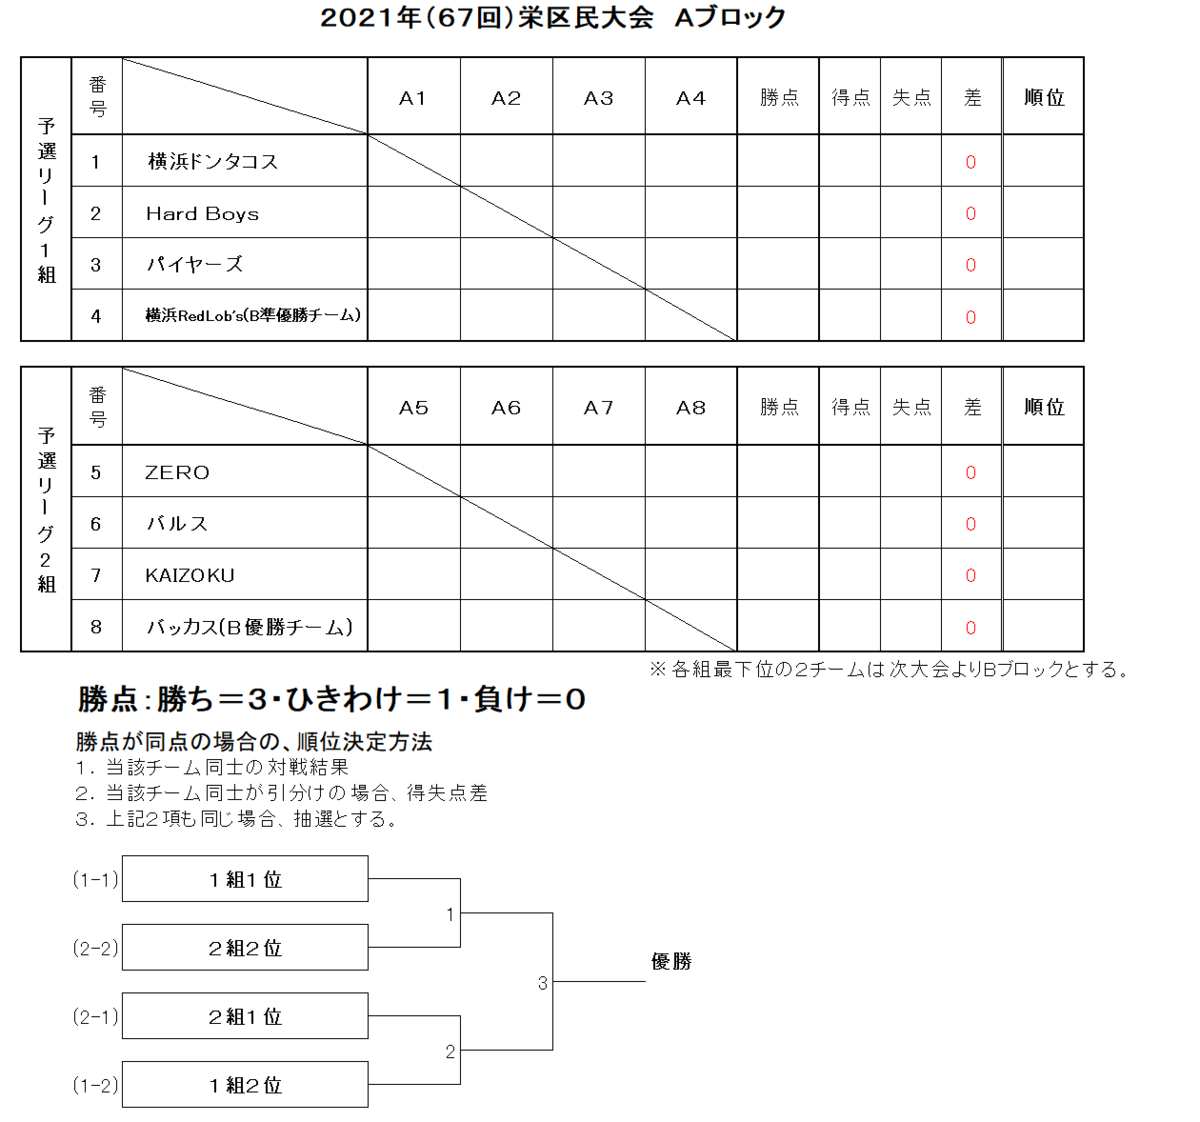 f:id:sakae-baseball:20210417112916p:plain